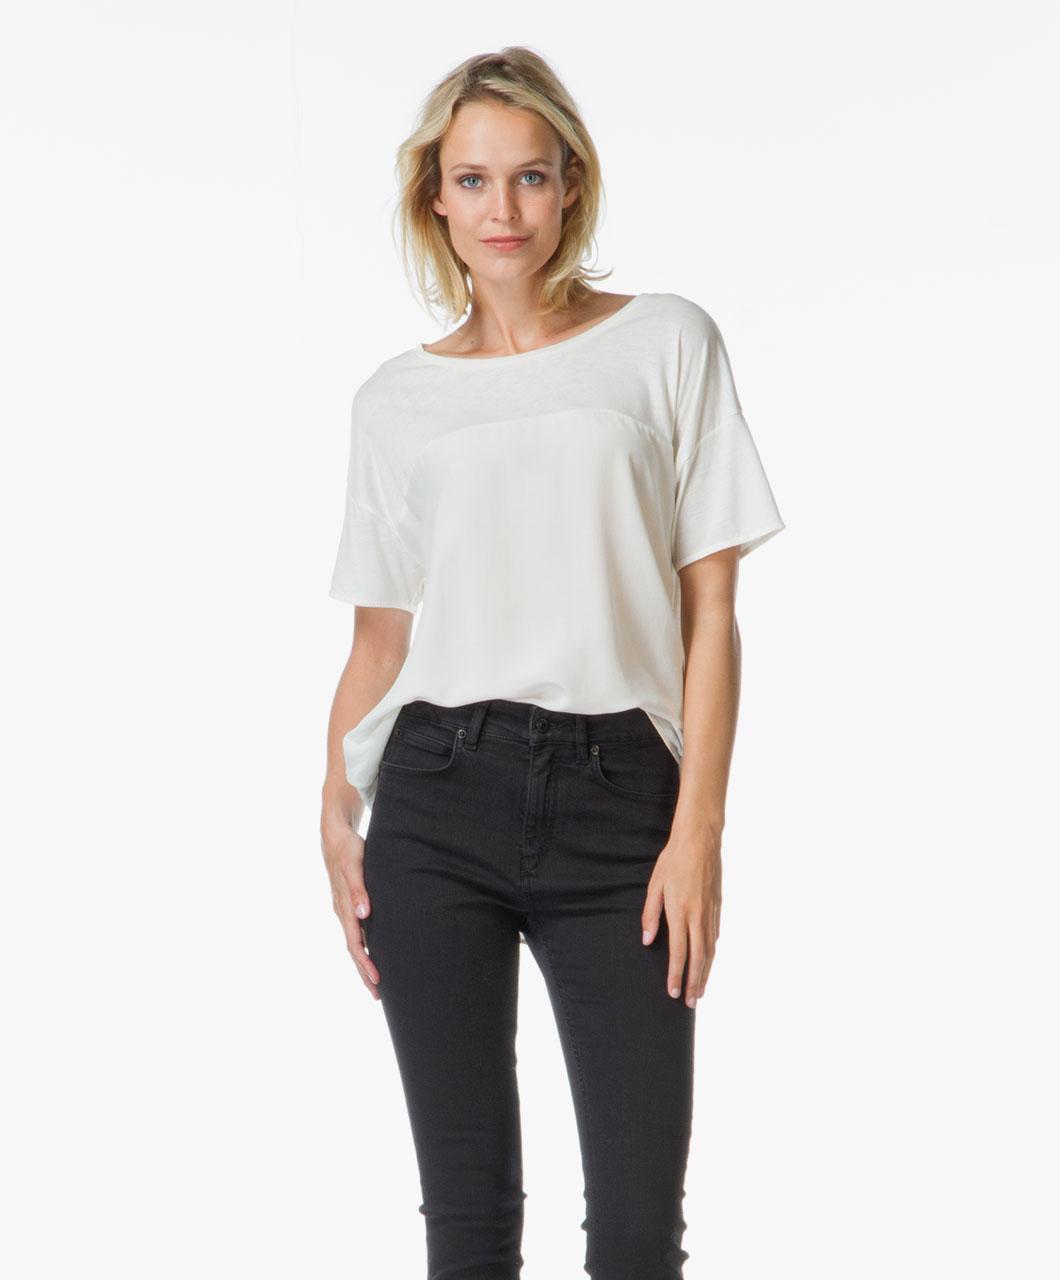 drykorn juna contrasting t shirt cream juna 502200 19. Black Bedroom Furniture Sets. Home Design Ideas